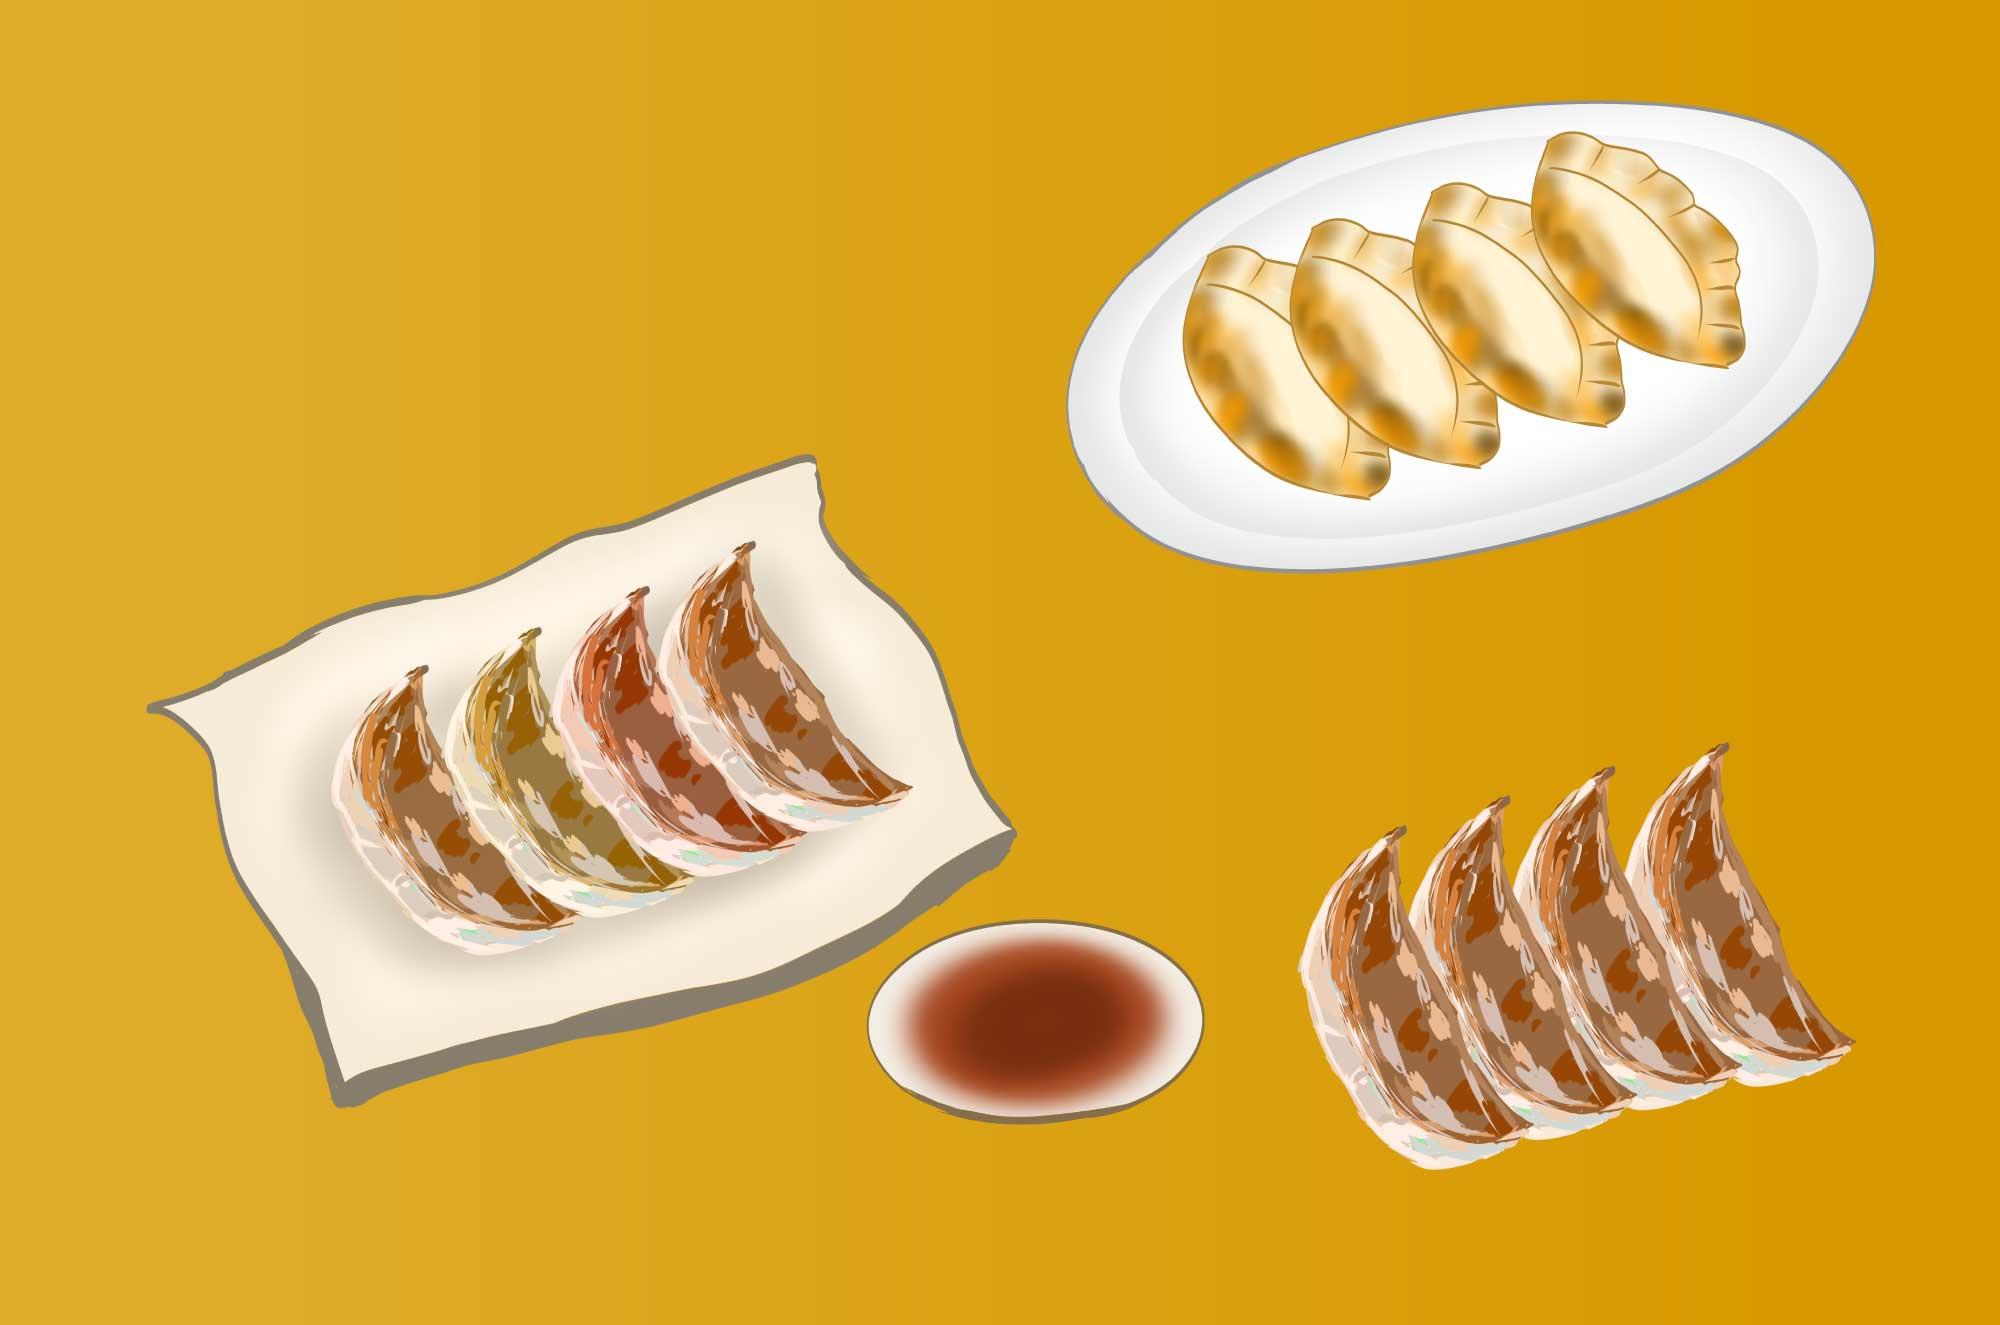 餃子の無料イラスト - 手書きのラフな食べ物素材